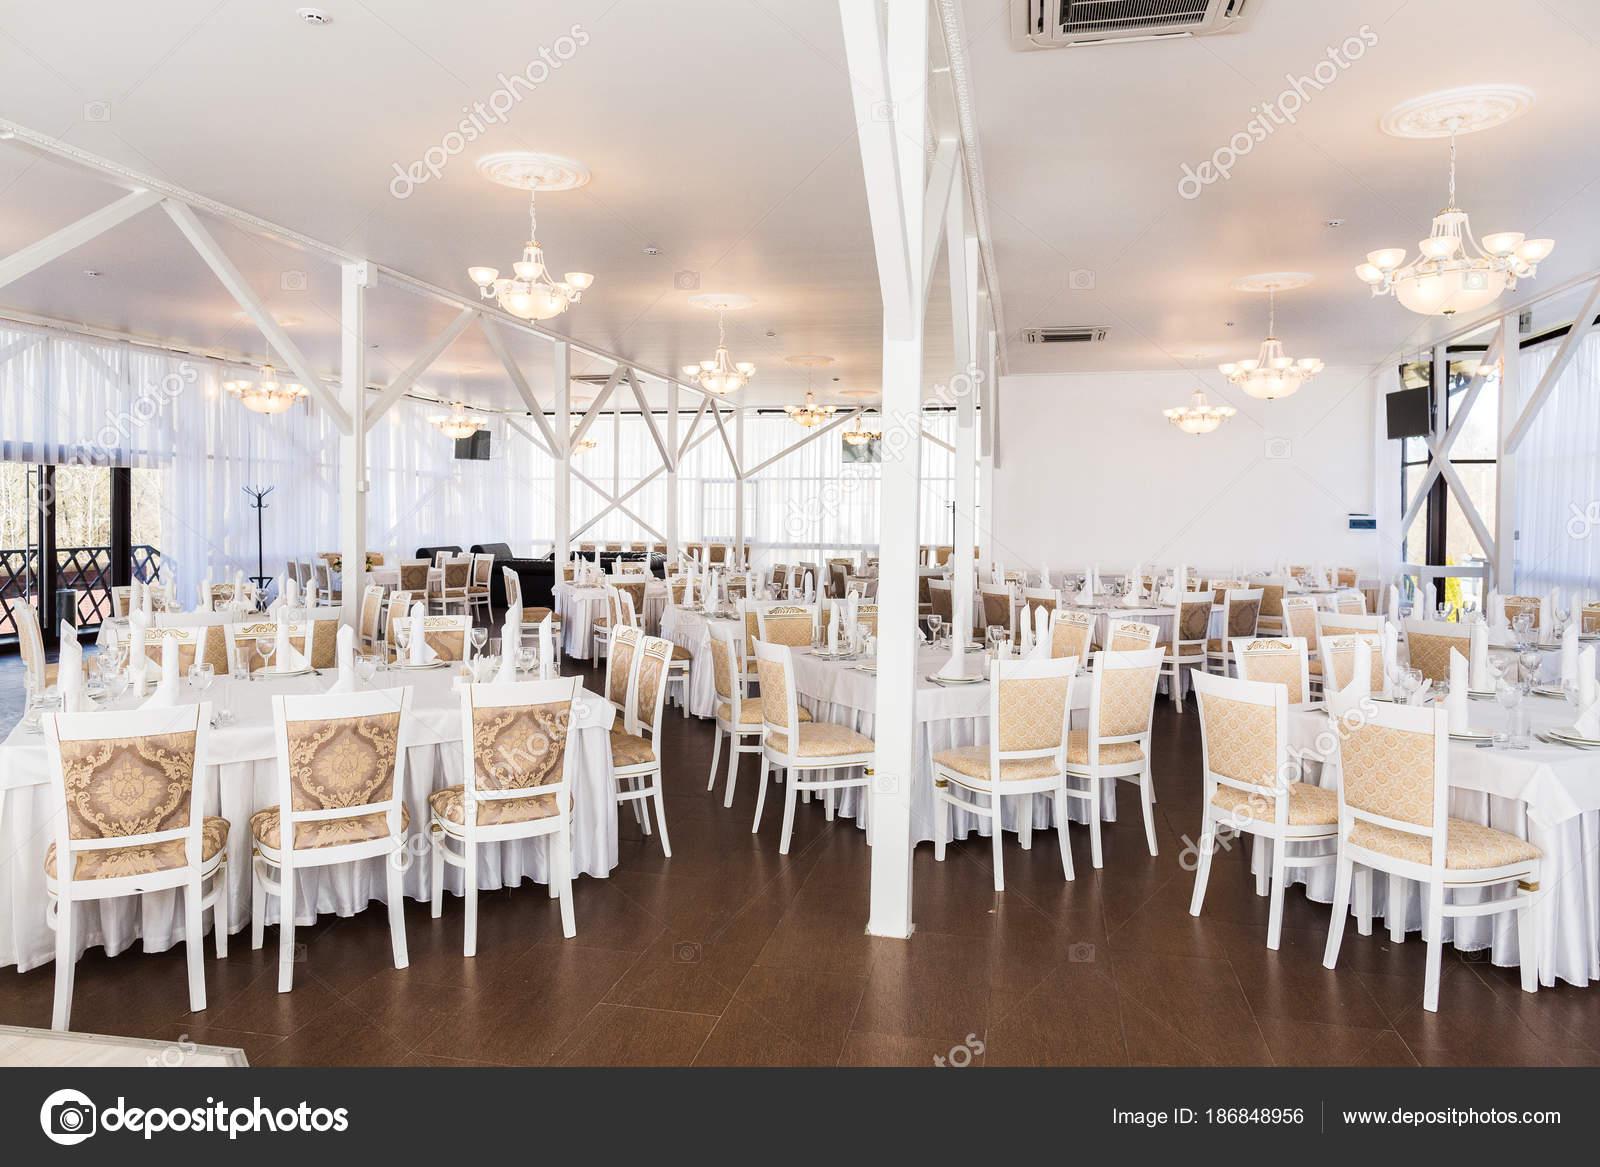 Illuminazione Tavoli Ristorante : Illuminazione festa per celebrare il concetto nella sala